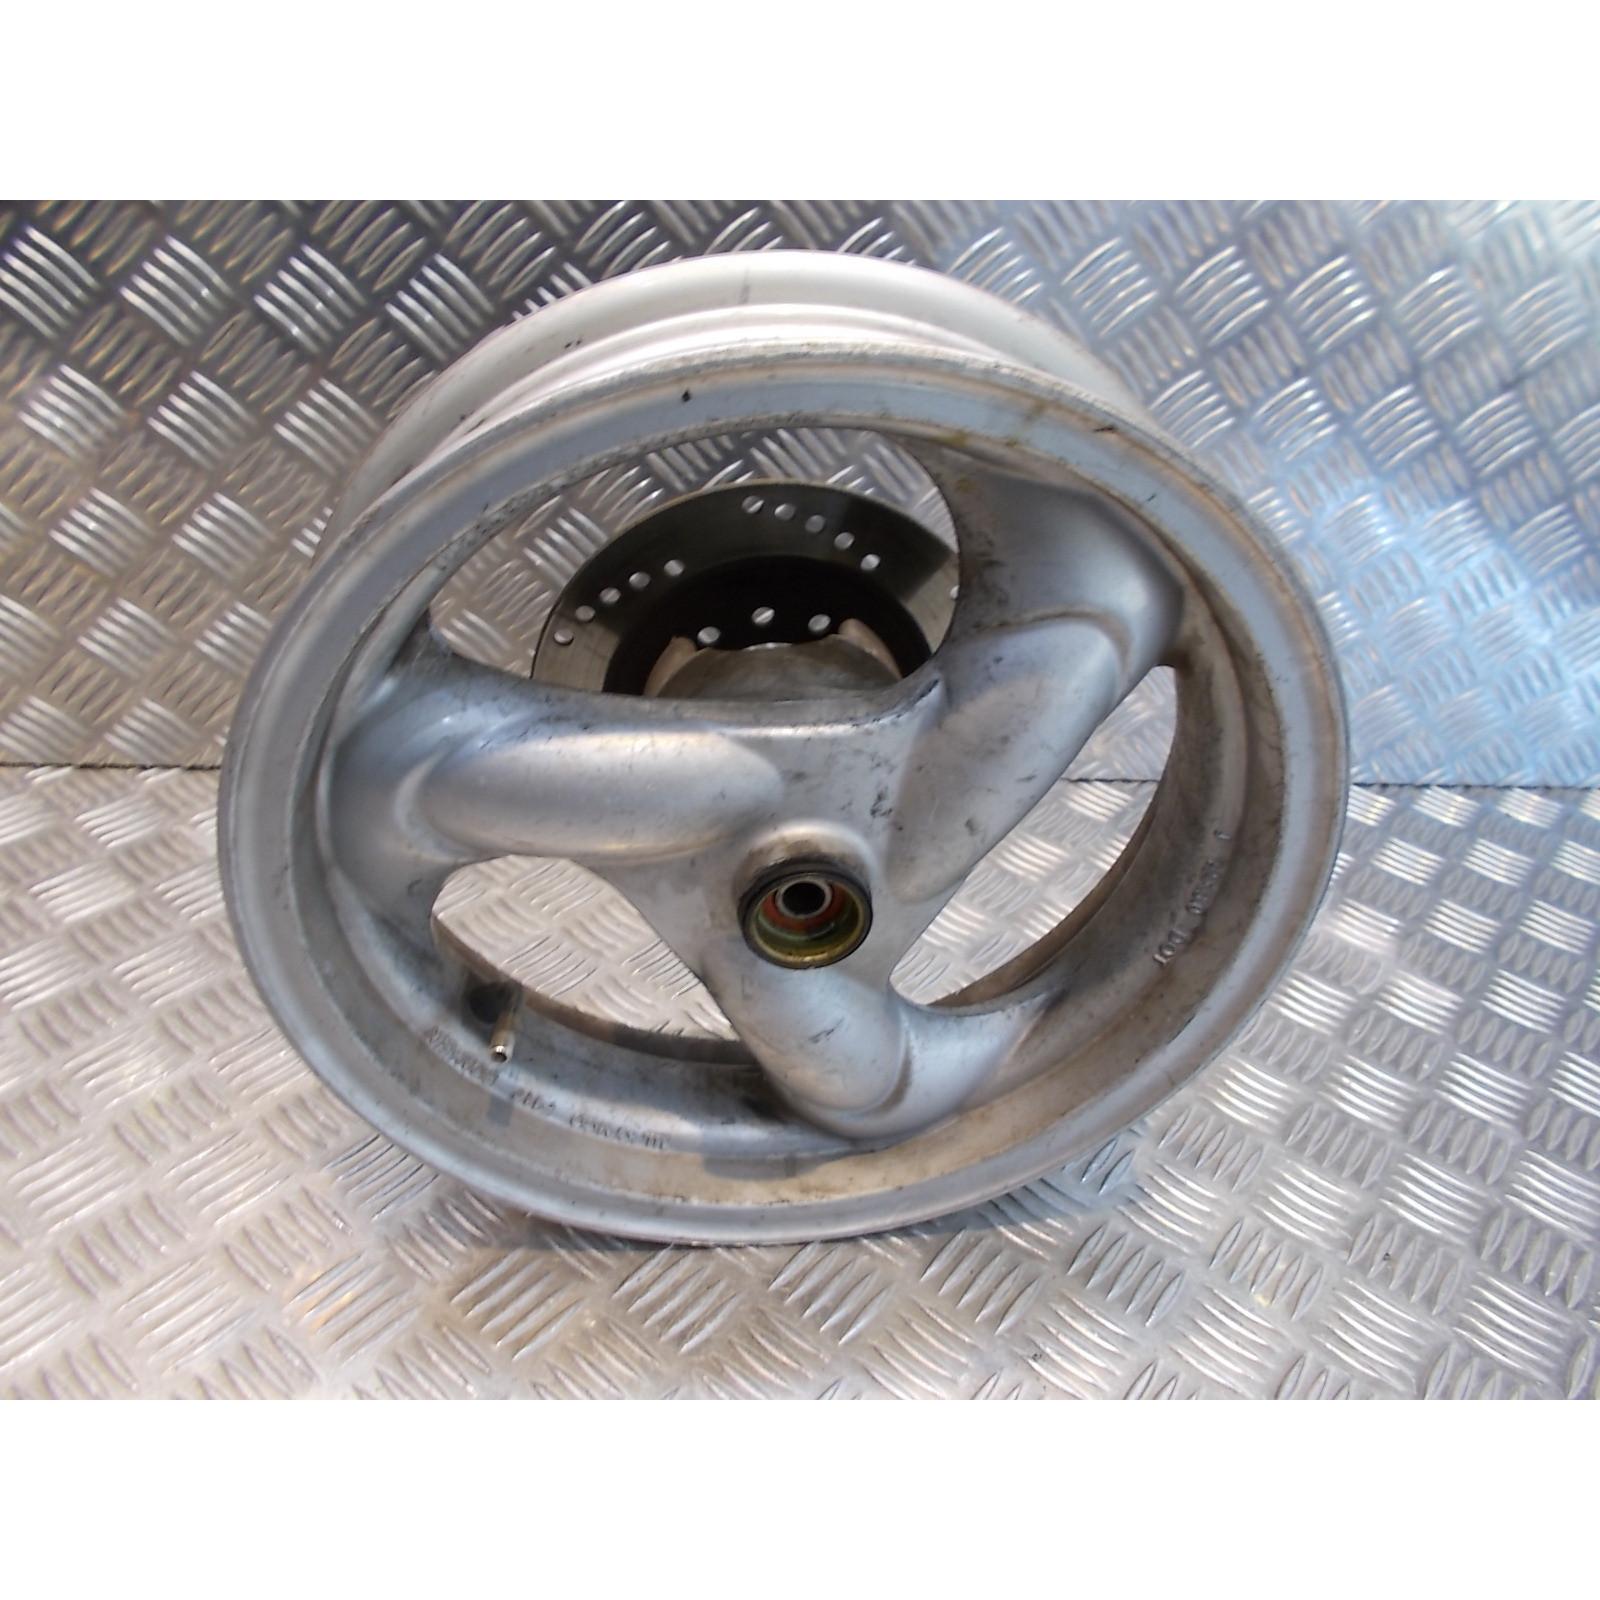 jante roue avant + disque frein scooter kymco 50 agility 4 temps 12 pouces